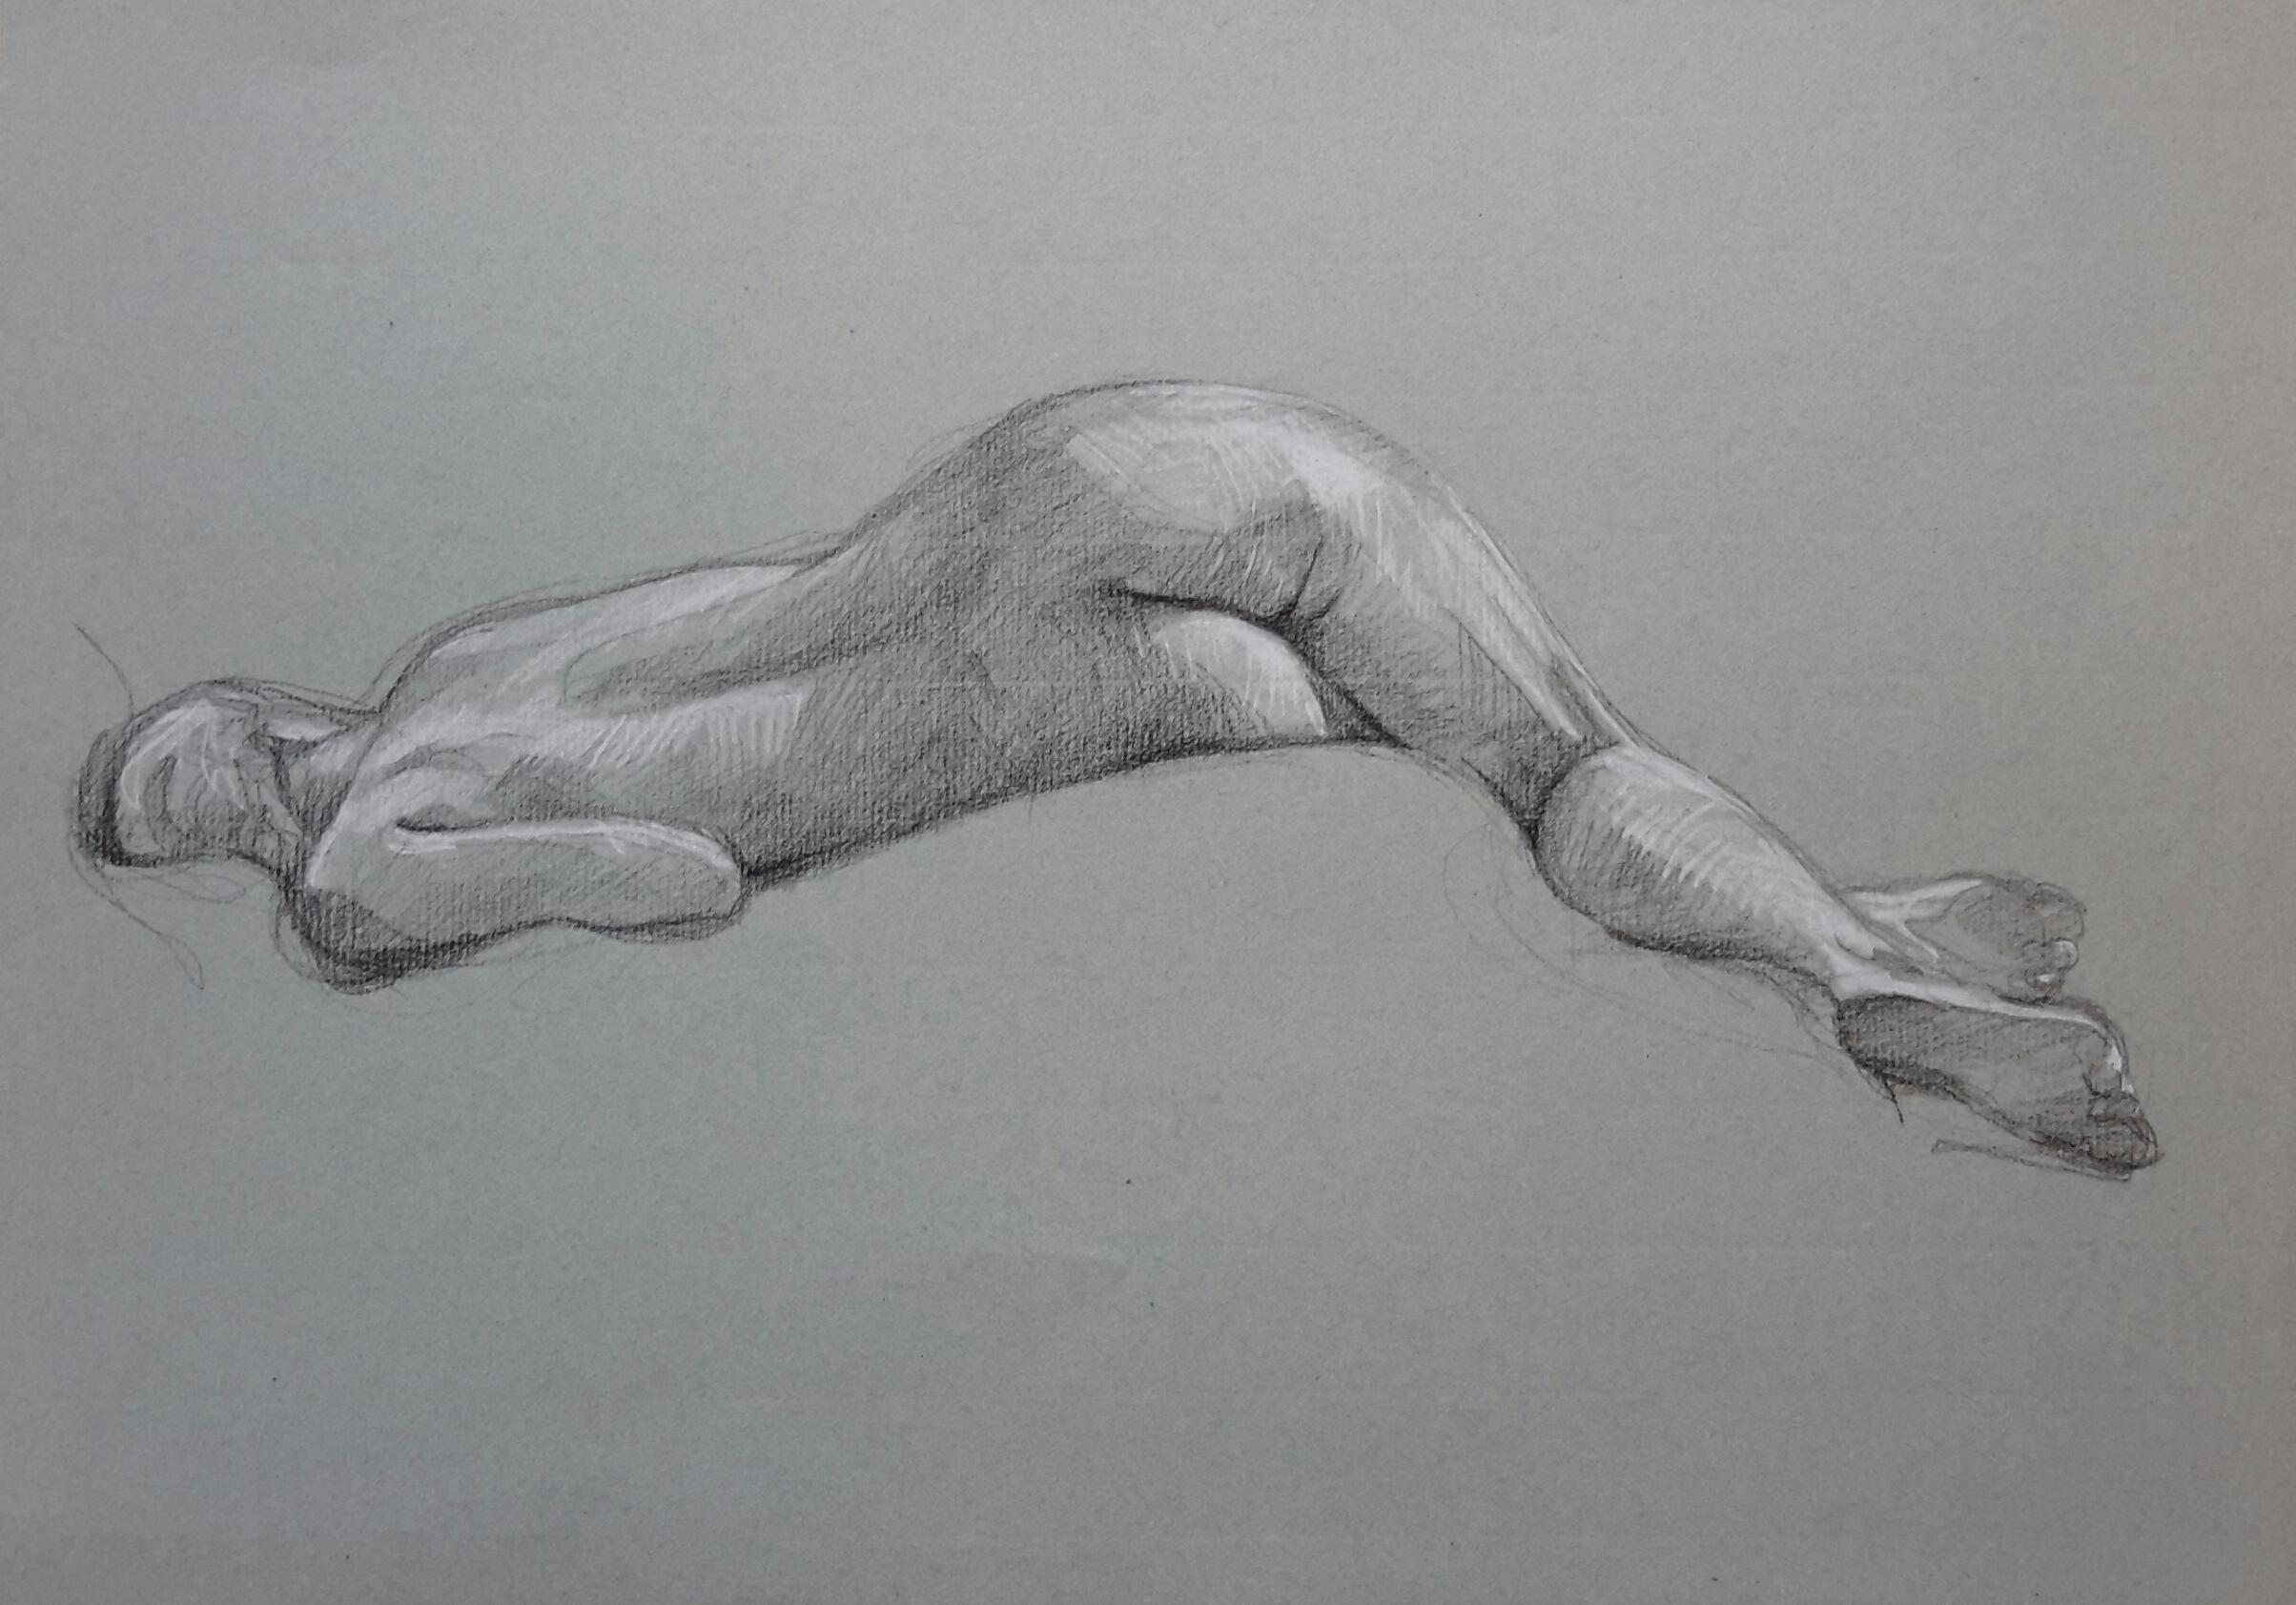 Modèle vivant 4 : pierre noire et crayon blanc